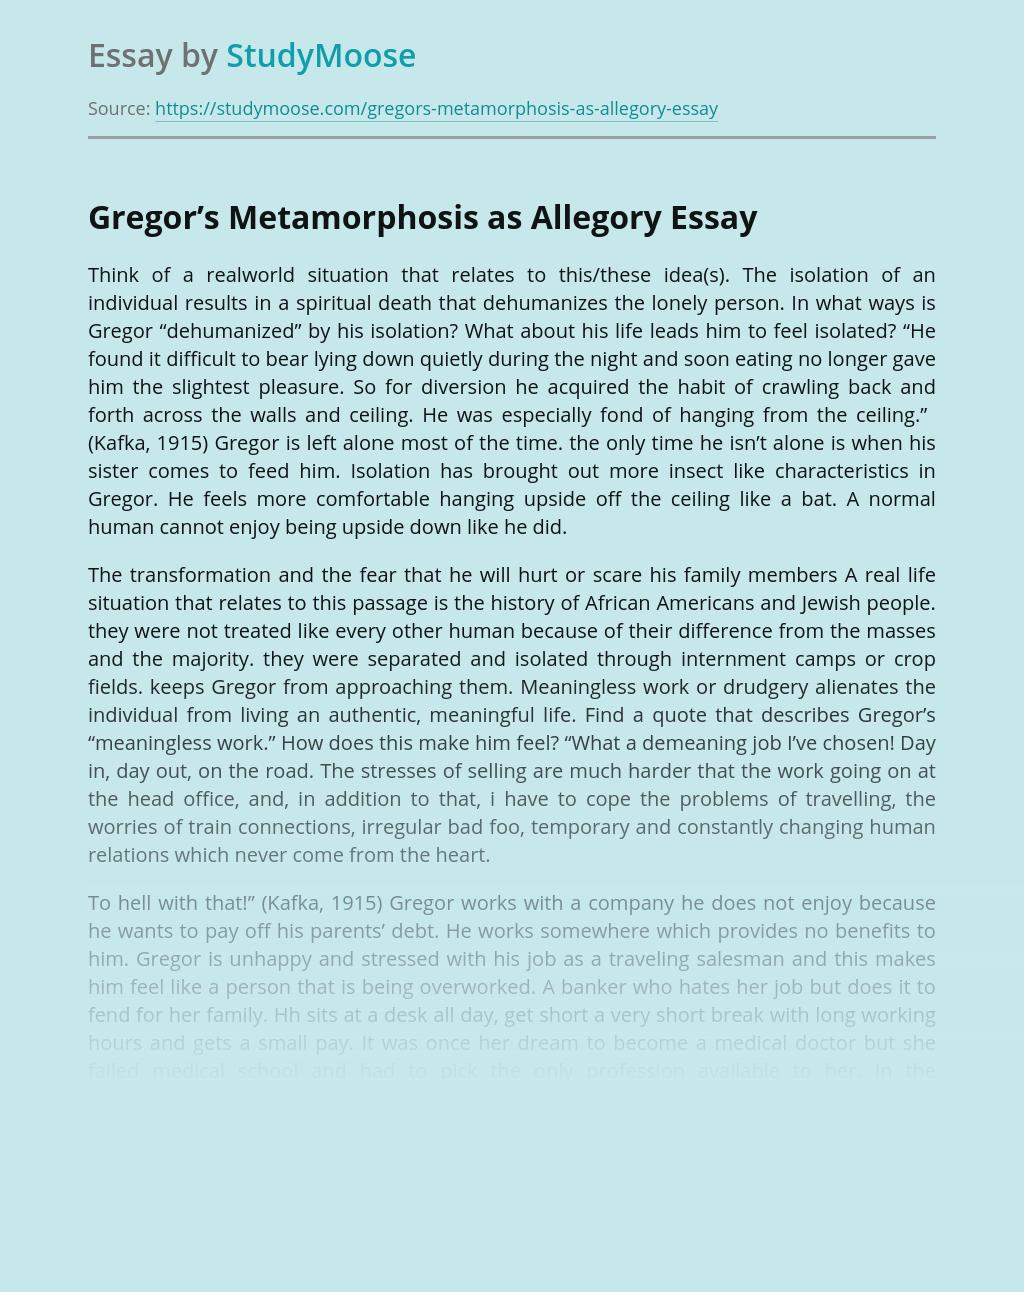 Gregor's Metamorphosis as Allegory